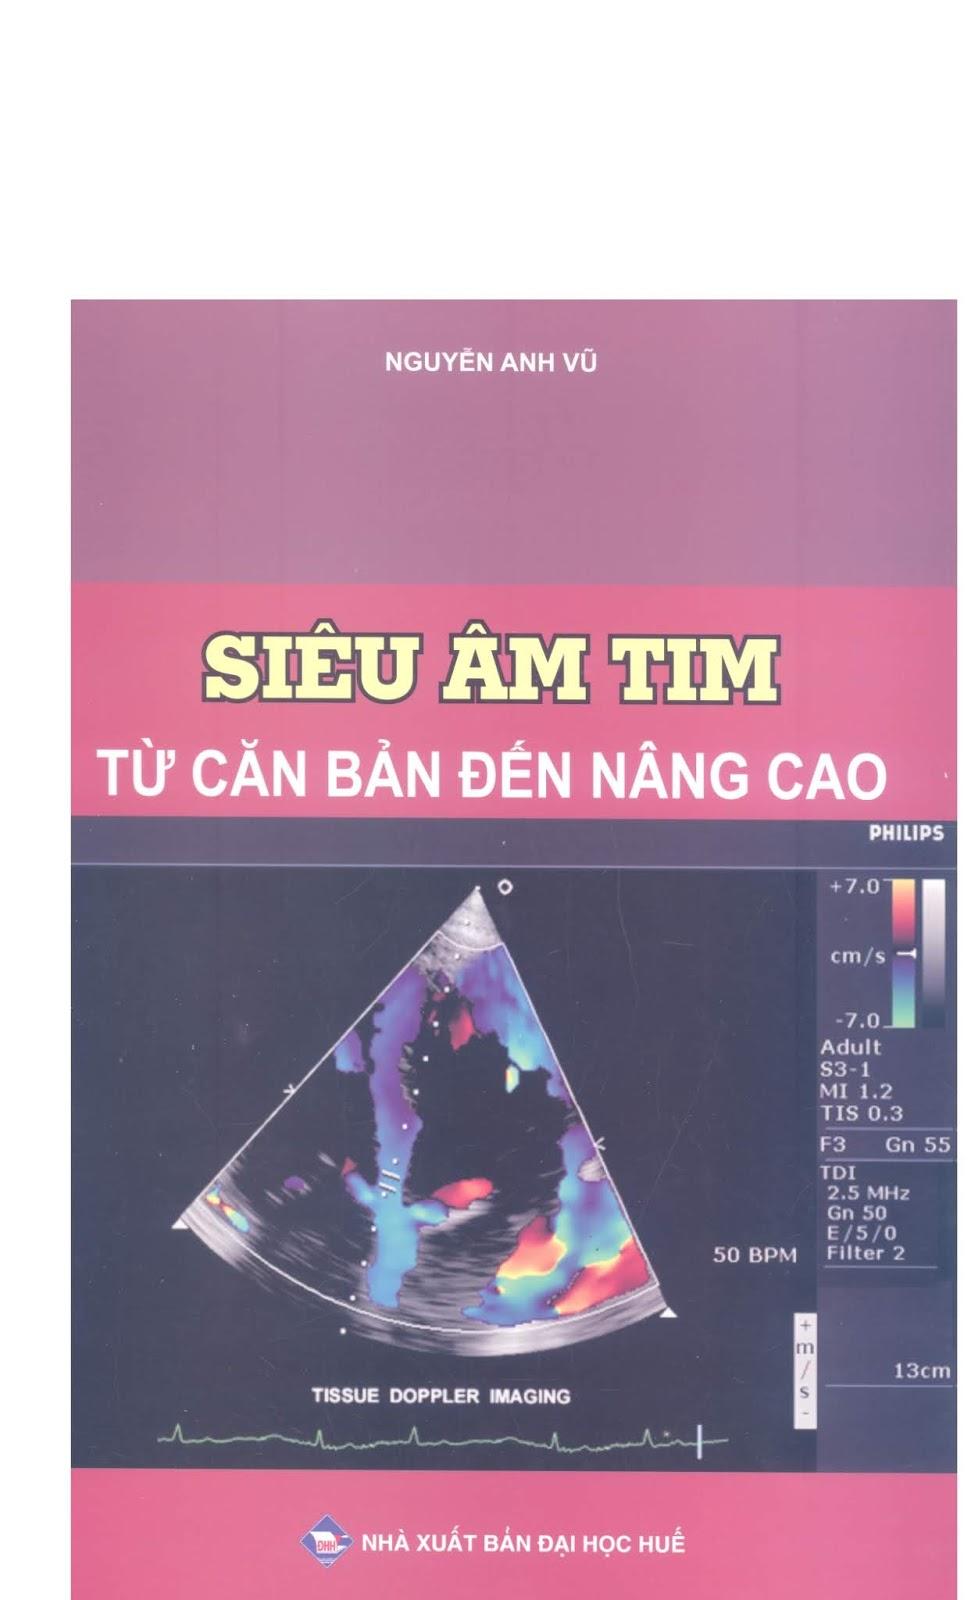 Siêu âm Tim từ cơ bản đến nâng cao – PGS. TS. Nguyễn Anh Vũ